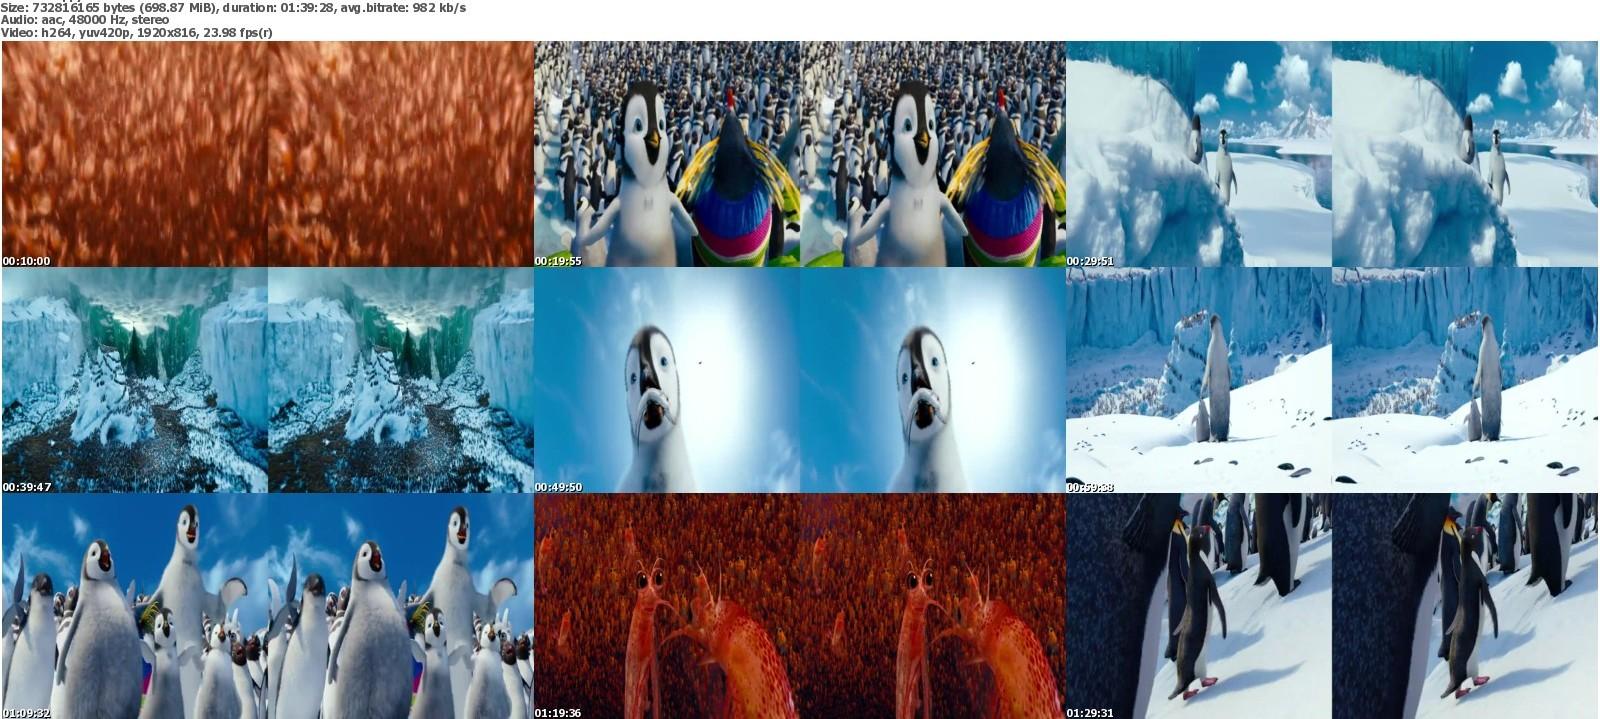 http://2.bp.blogspot.com/-epKWmLMuQ8M/T1c5riI28jI/AAAAAAAABtE/CxHn3wX5HiM/s1600/ss.jpg